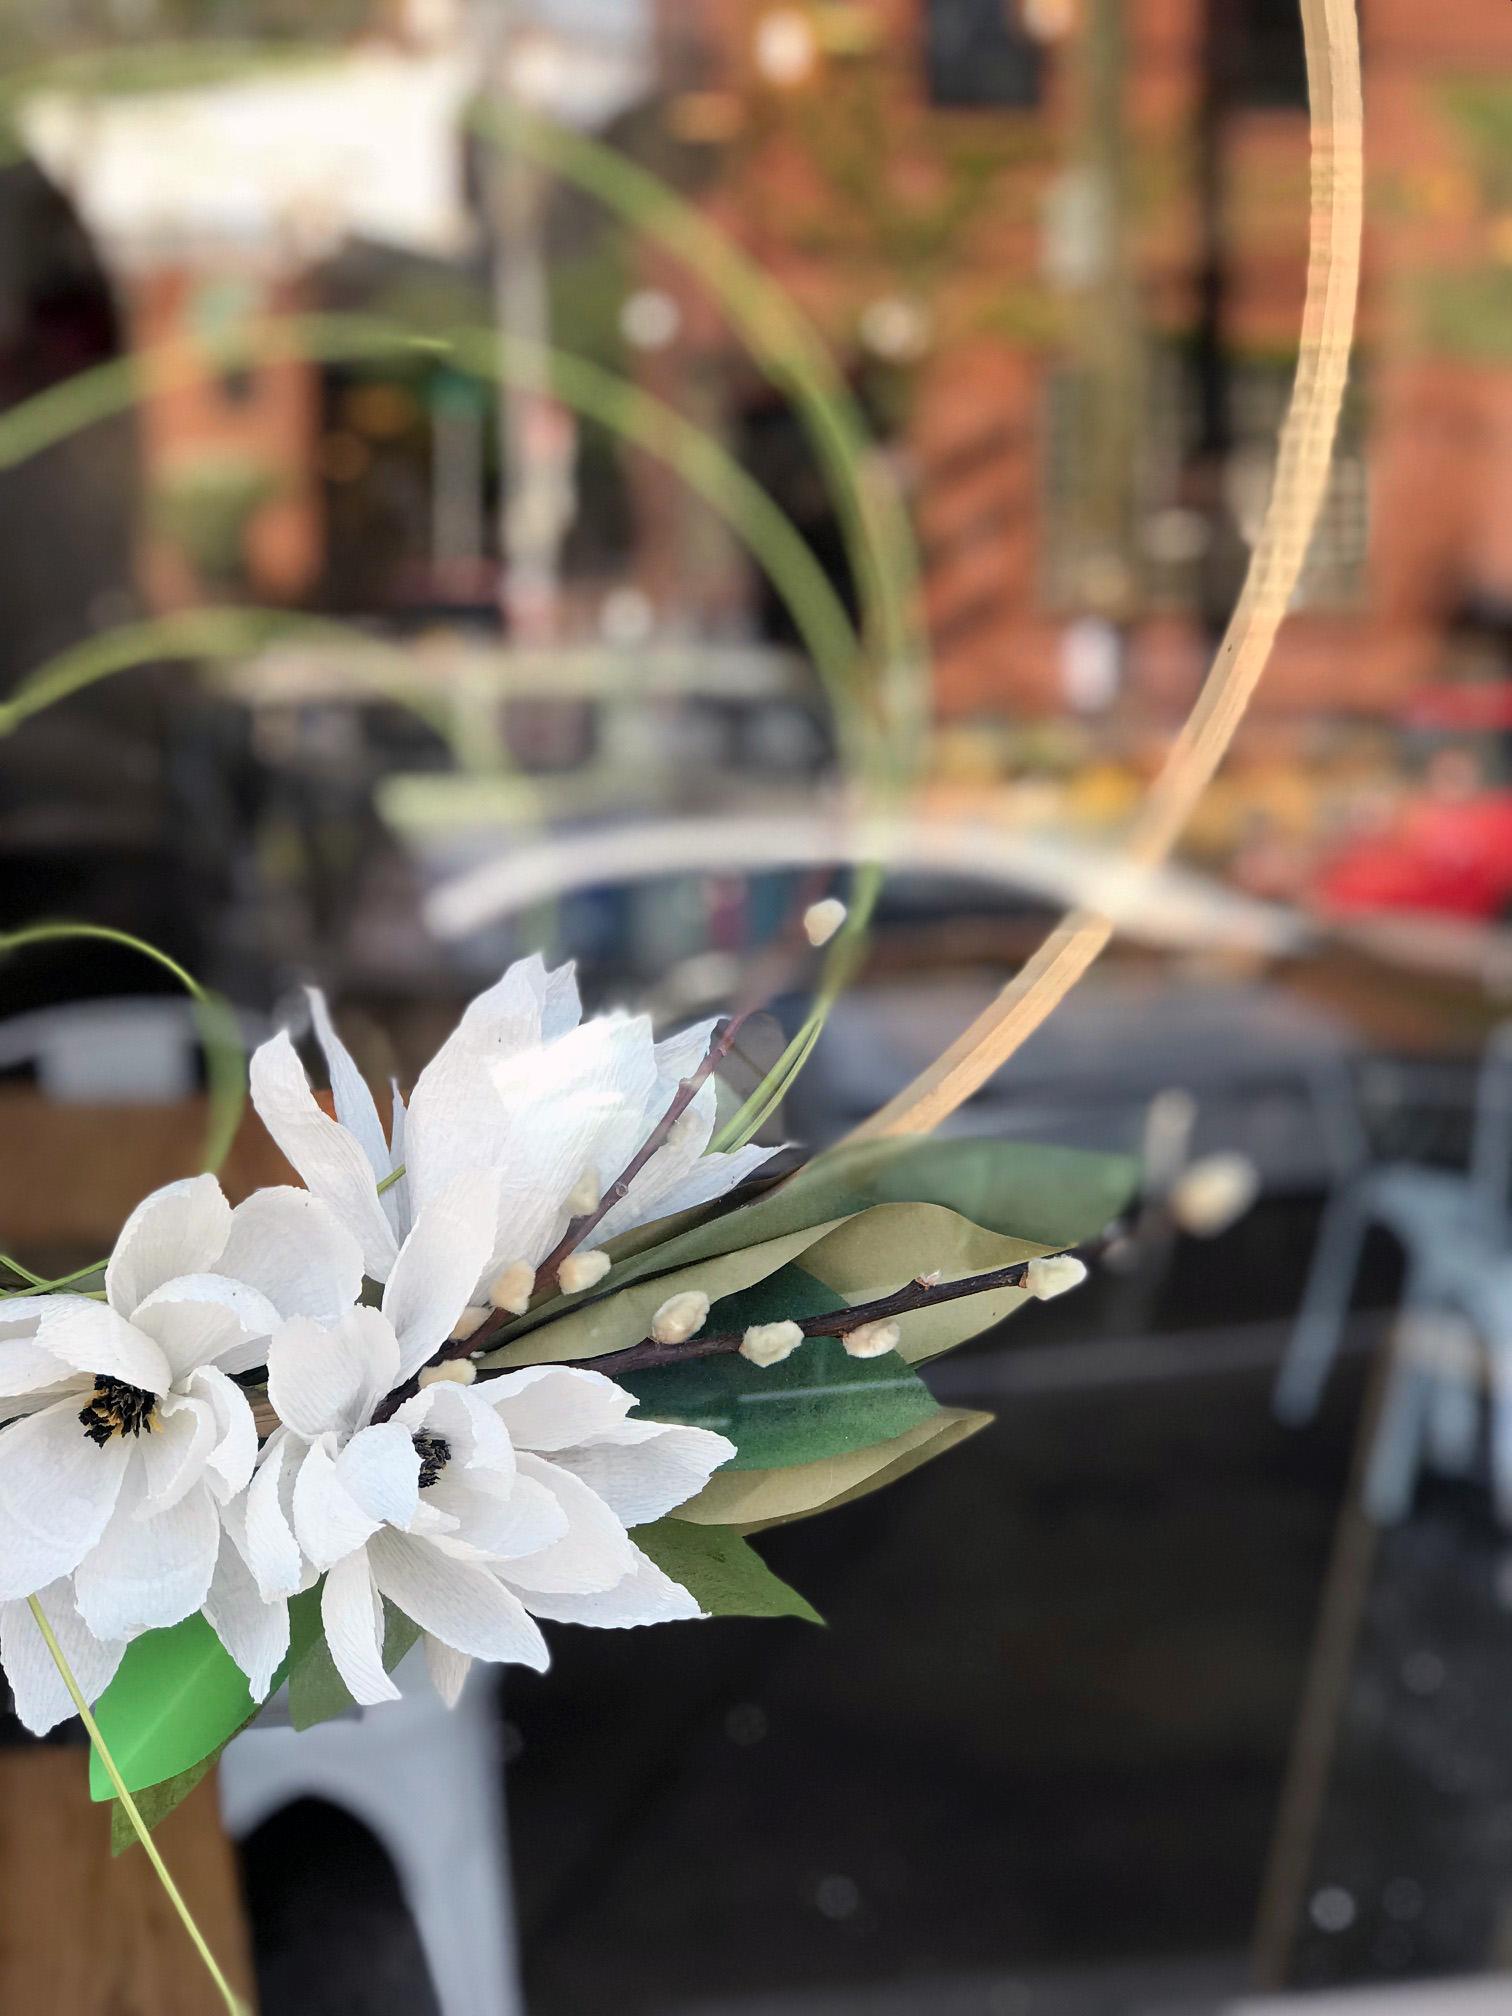 flower window detail.jpg